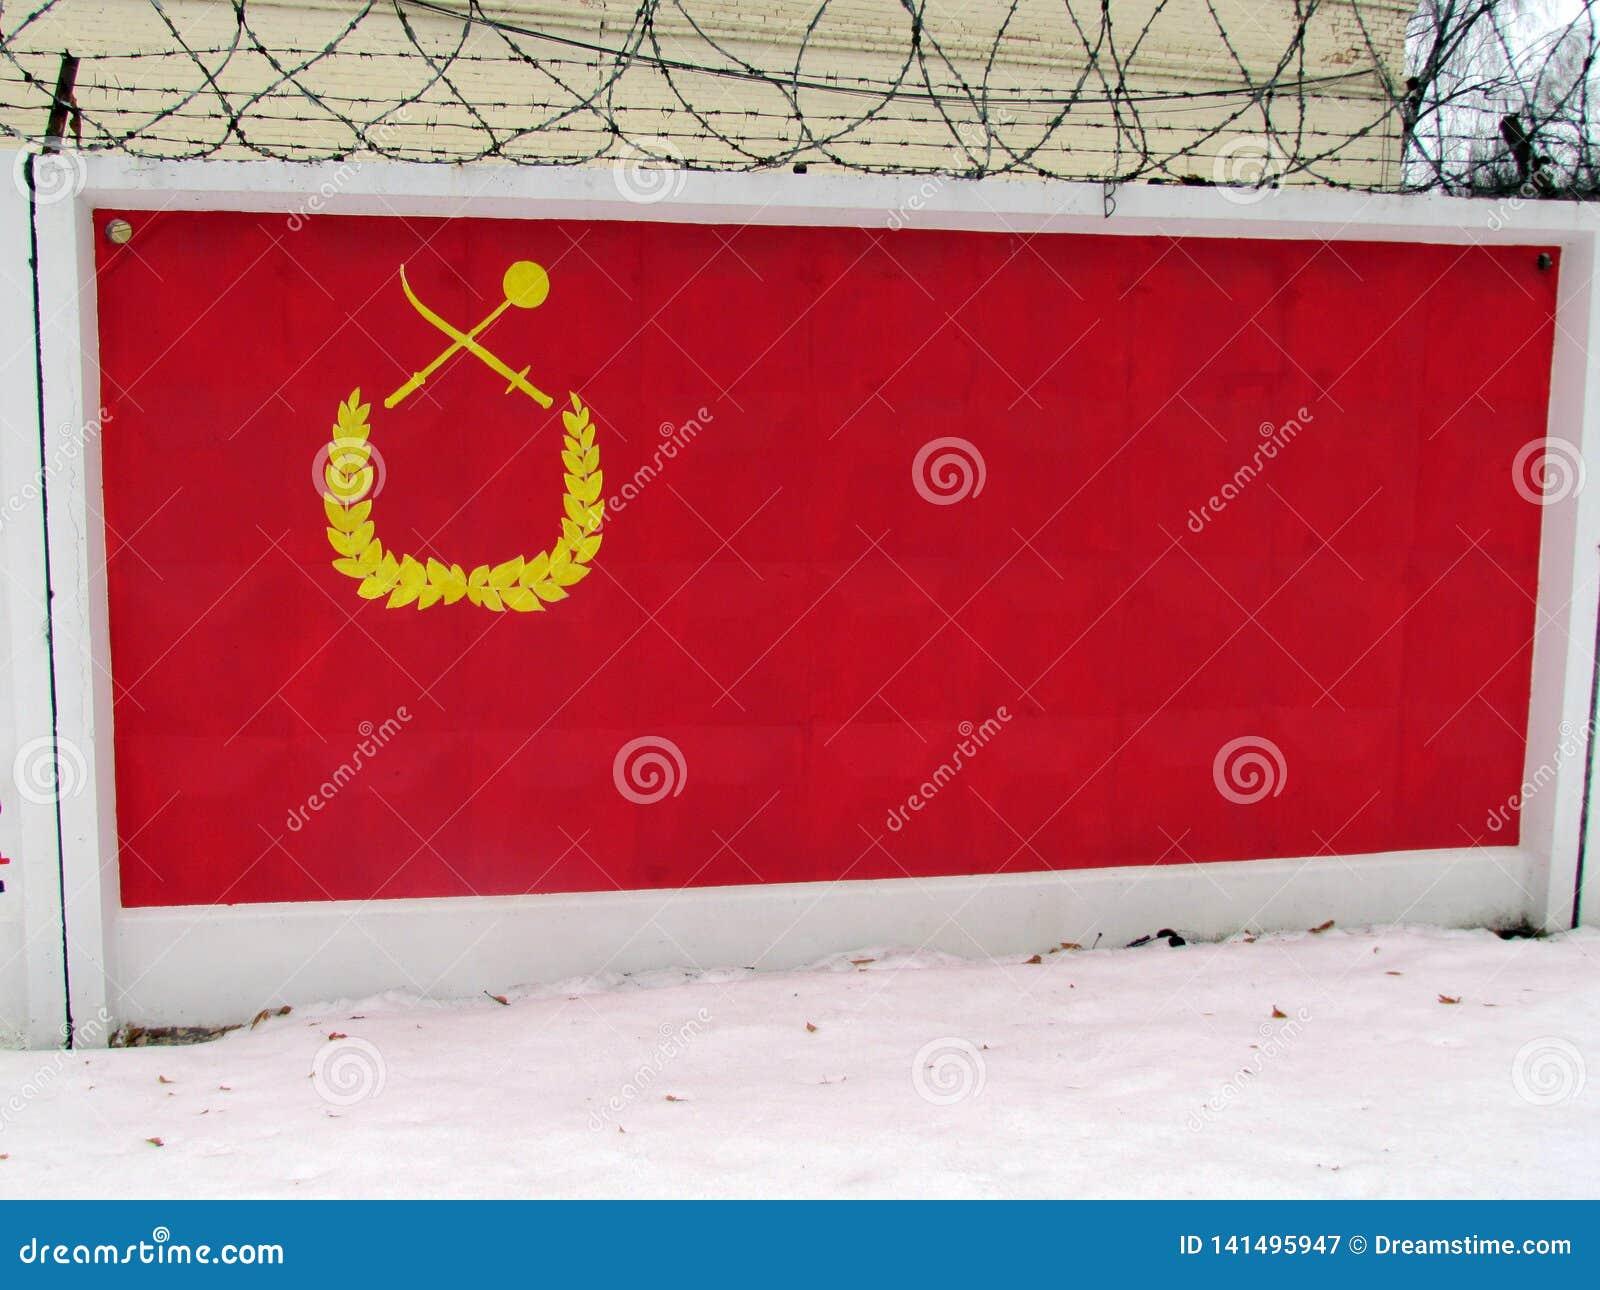 Símbolos nacionais e bandeiras dos distritos da região de Poltava